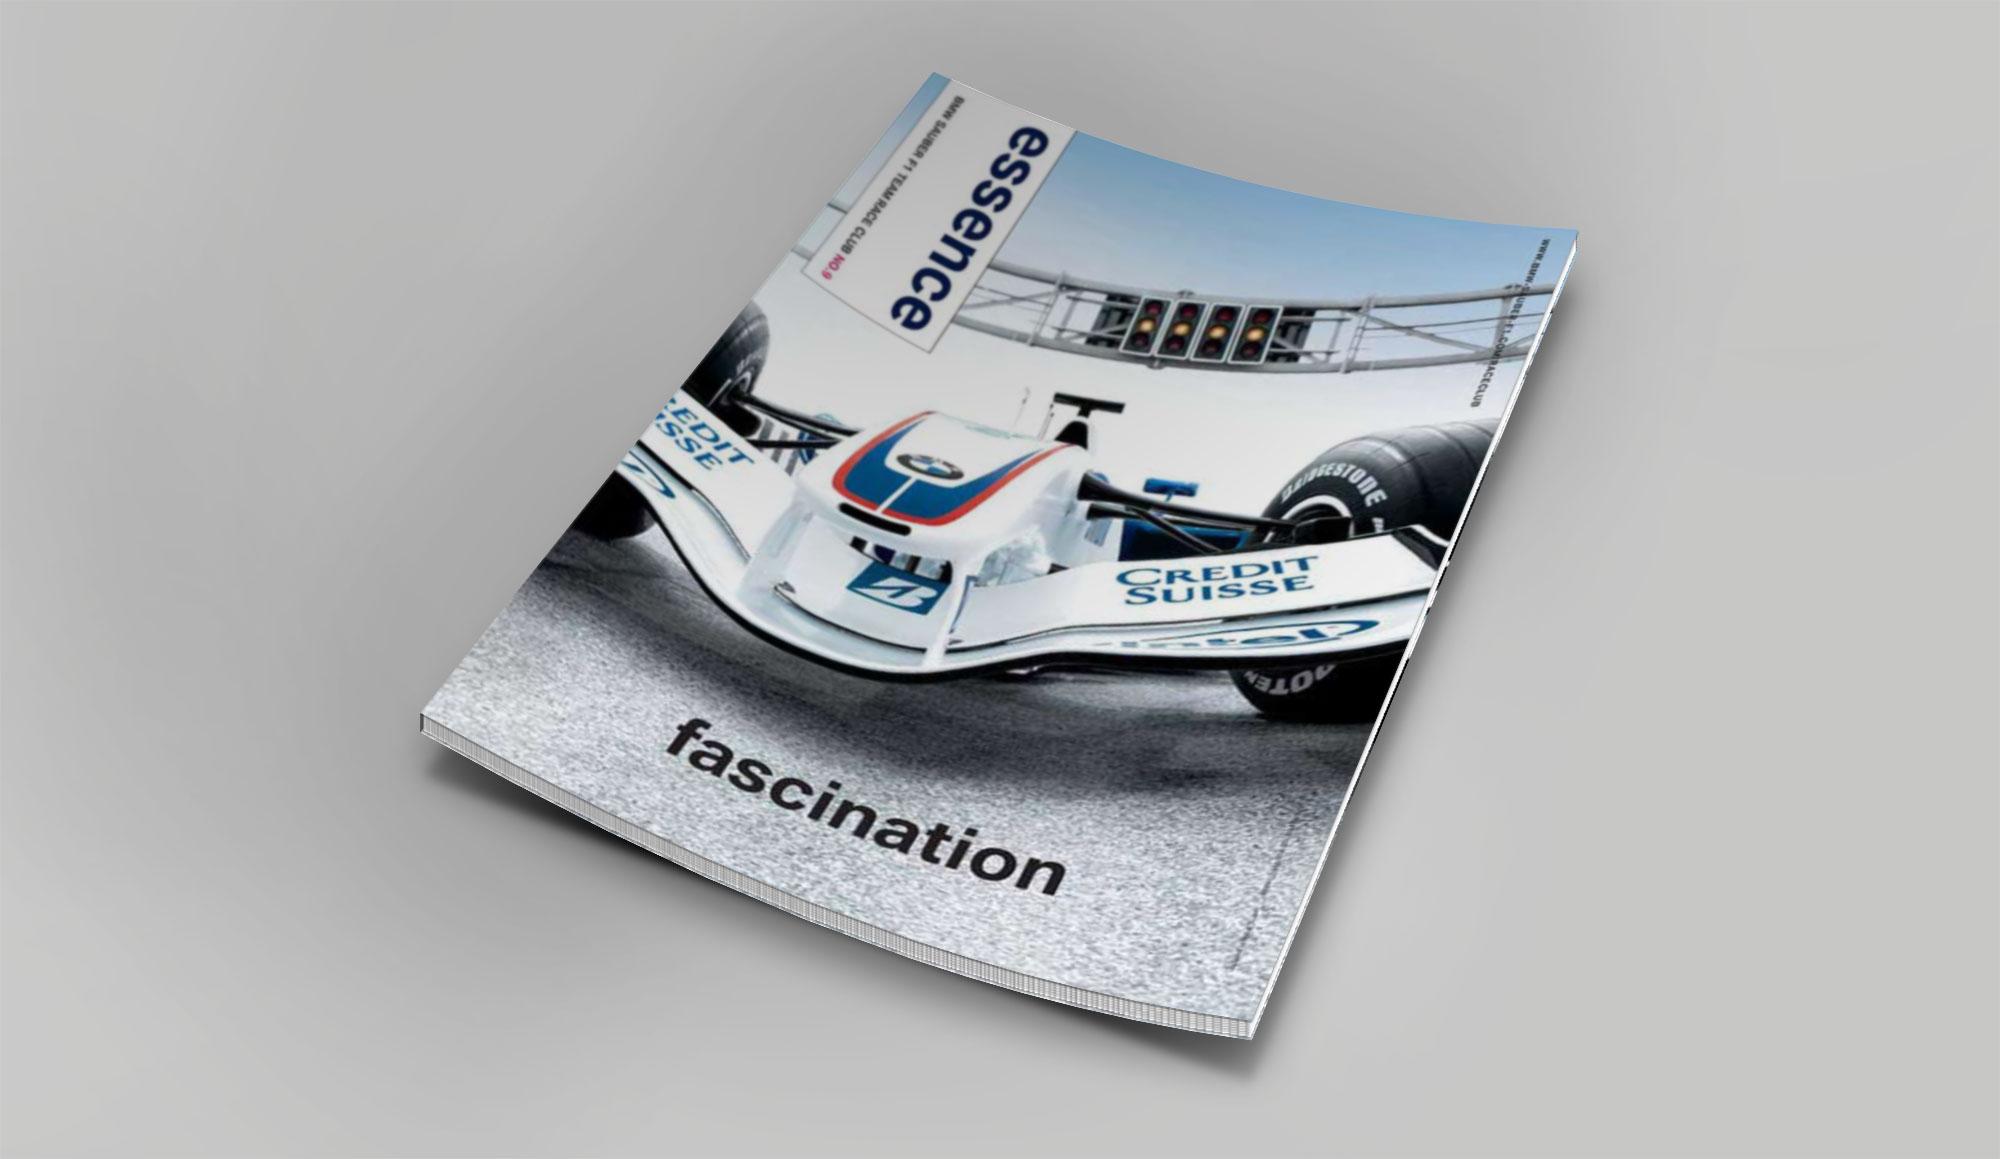 bmw-essence-magazine-uwwwe-uwe-zens